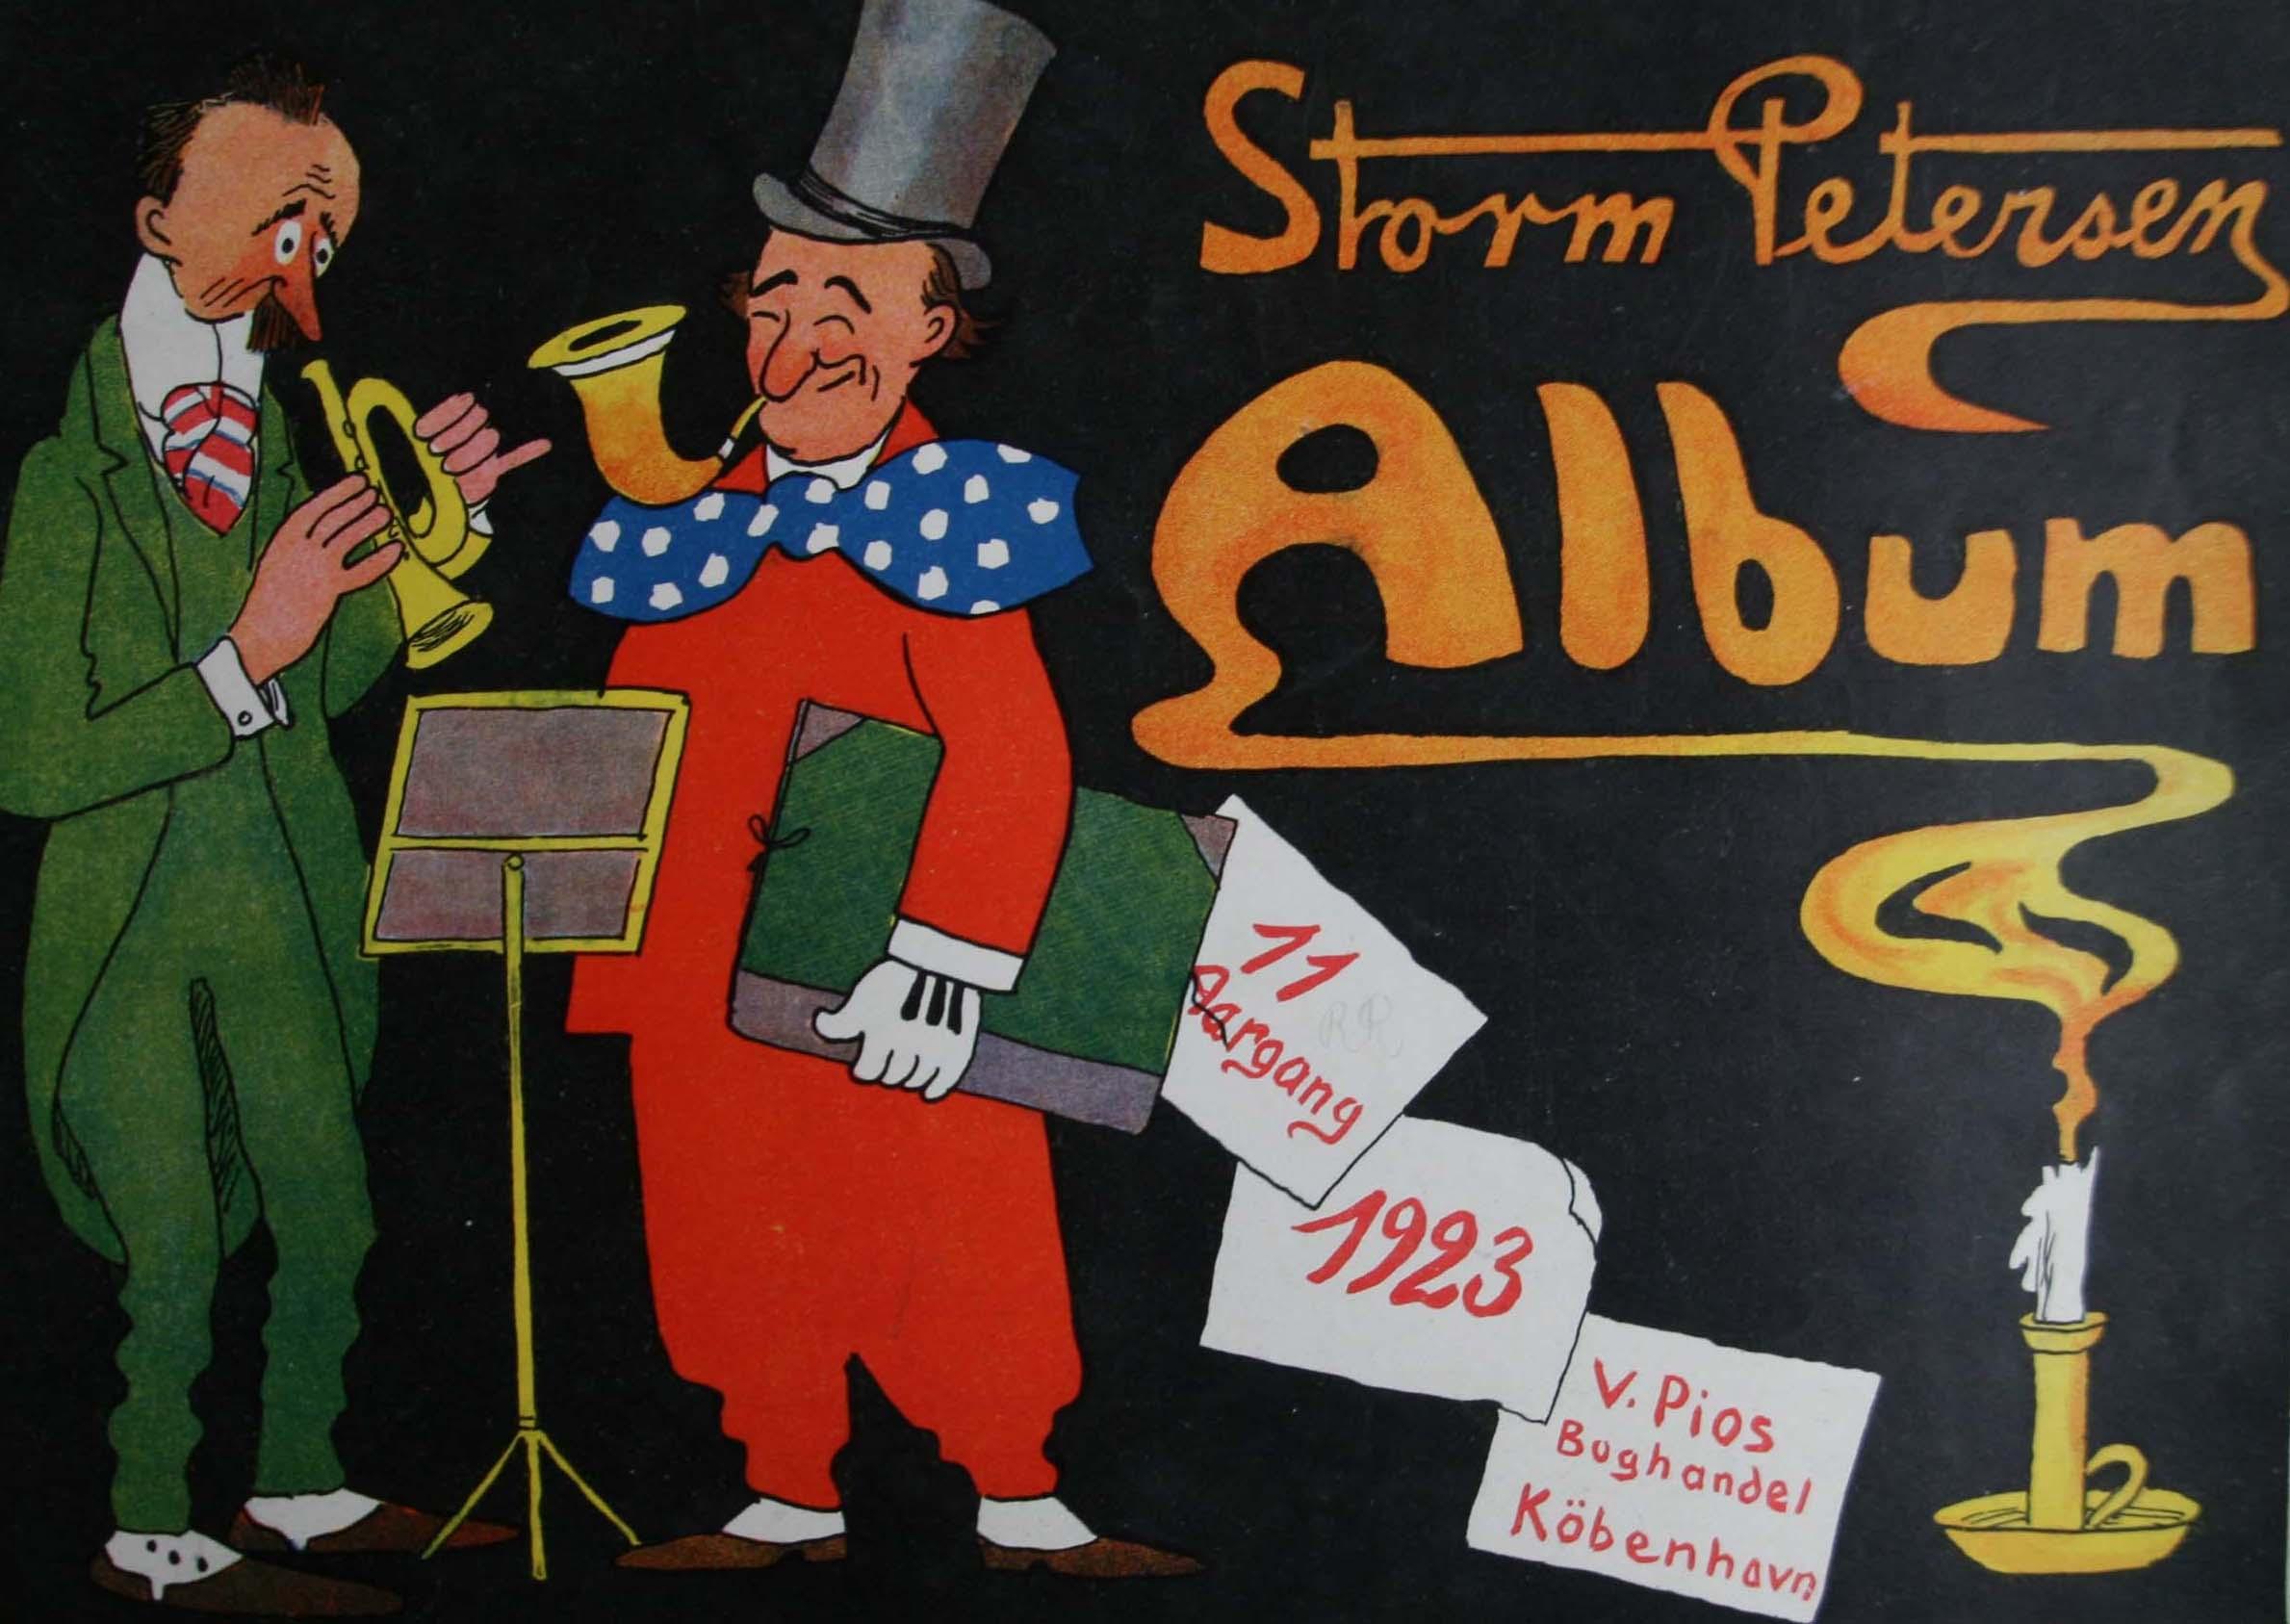 Robert Storm Petersen Storm P. Album 1923